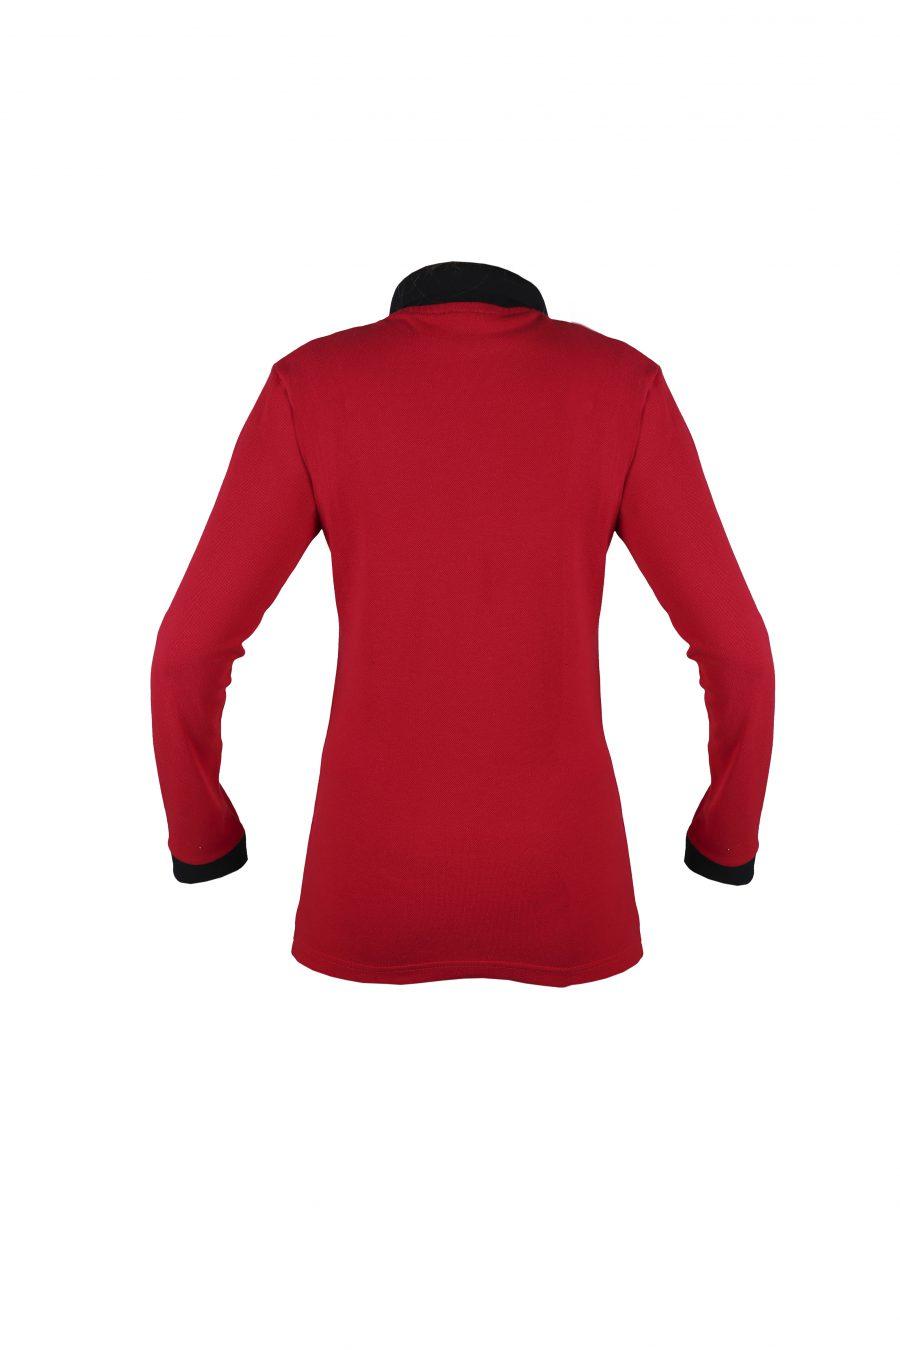 Рубашка-поло KANO Duet Long W красно-черная купить оптом,